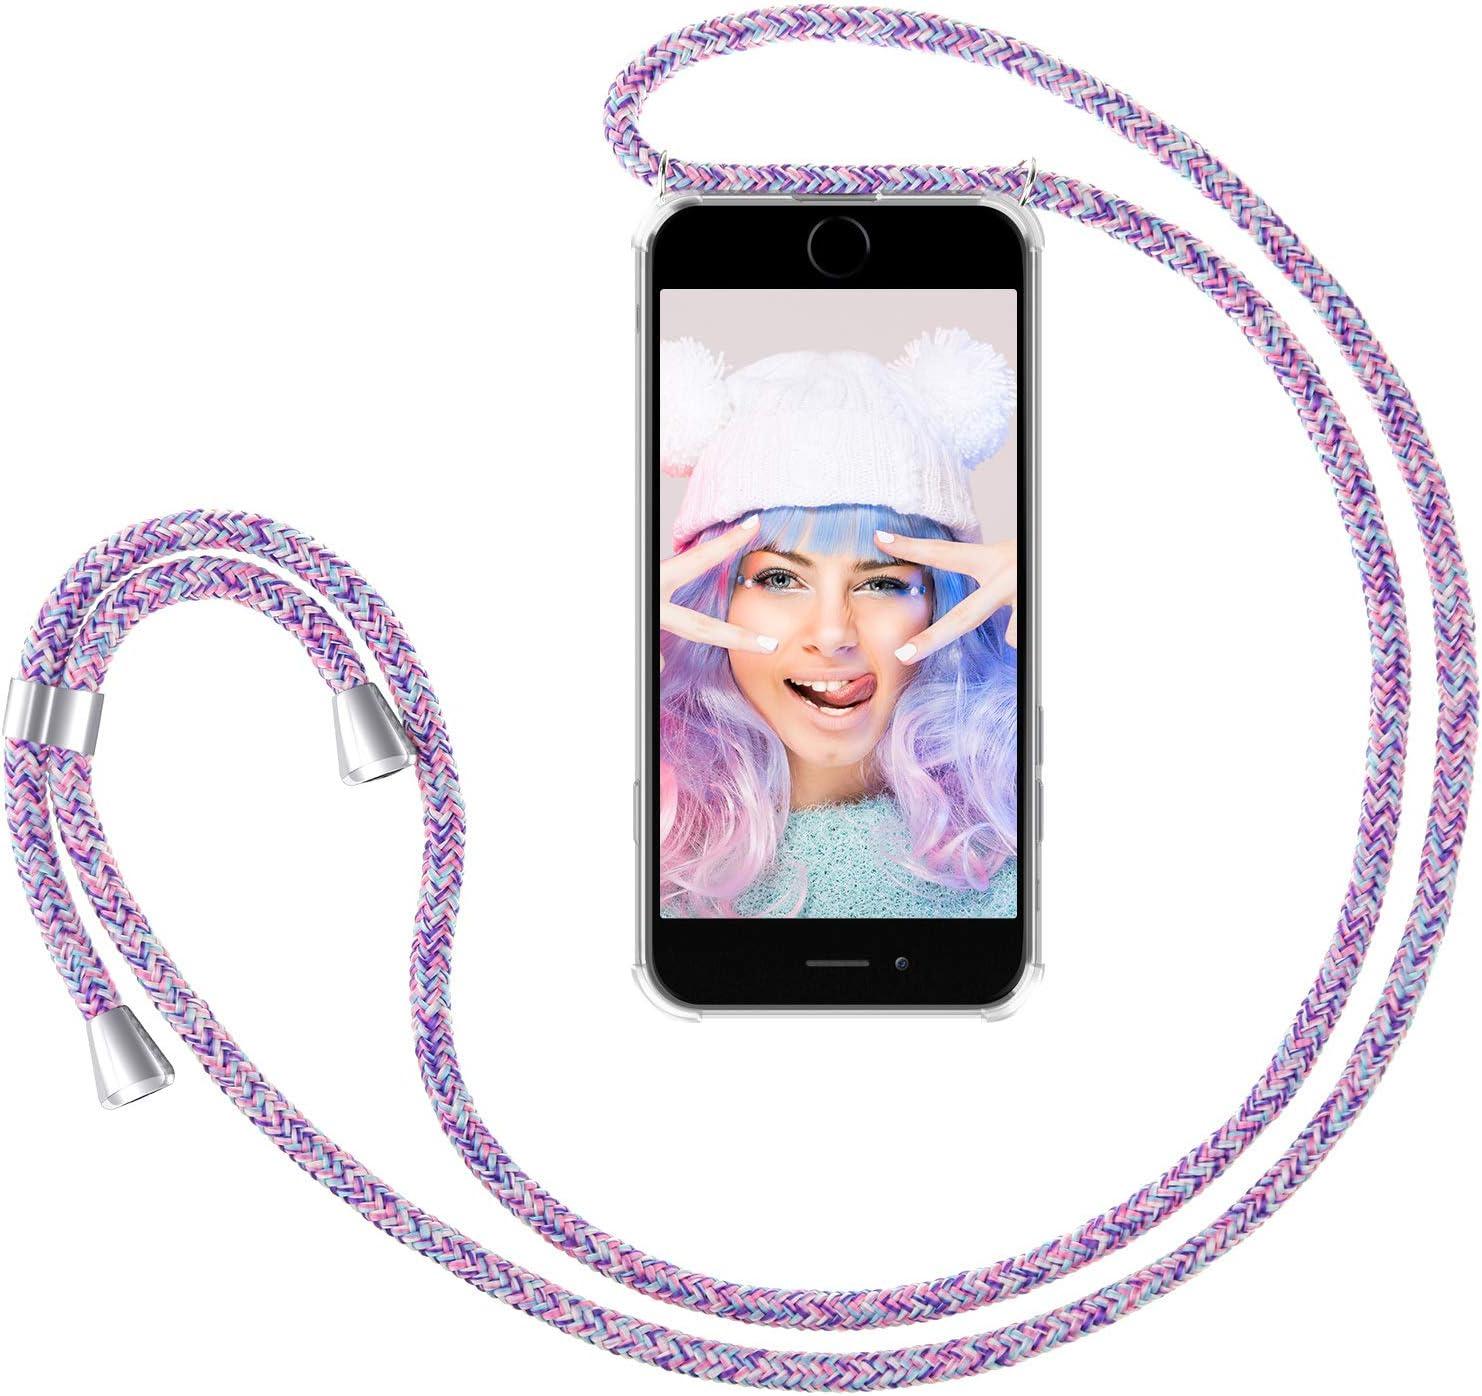 ZhinkArts Handykette kompatibel mit Apple iPhone 7 Plus // 8 Plus Smartphone Necklace H/ülle mit Band 5,5 Display Handyh/ülle Case mit Kette zum umh/ängen in Blau